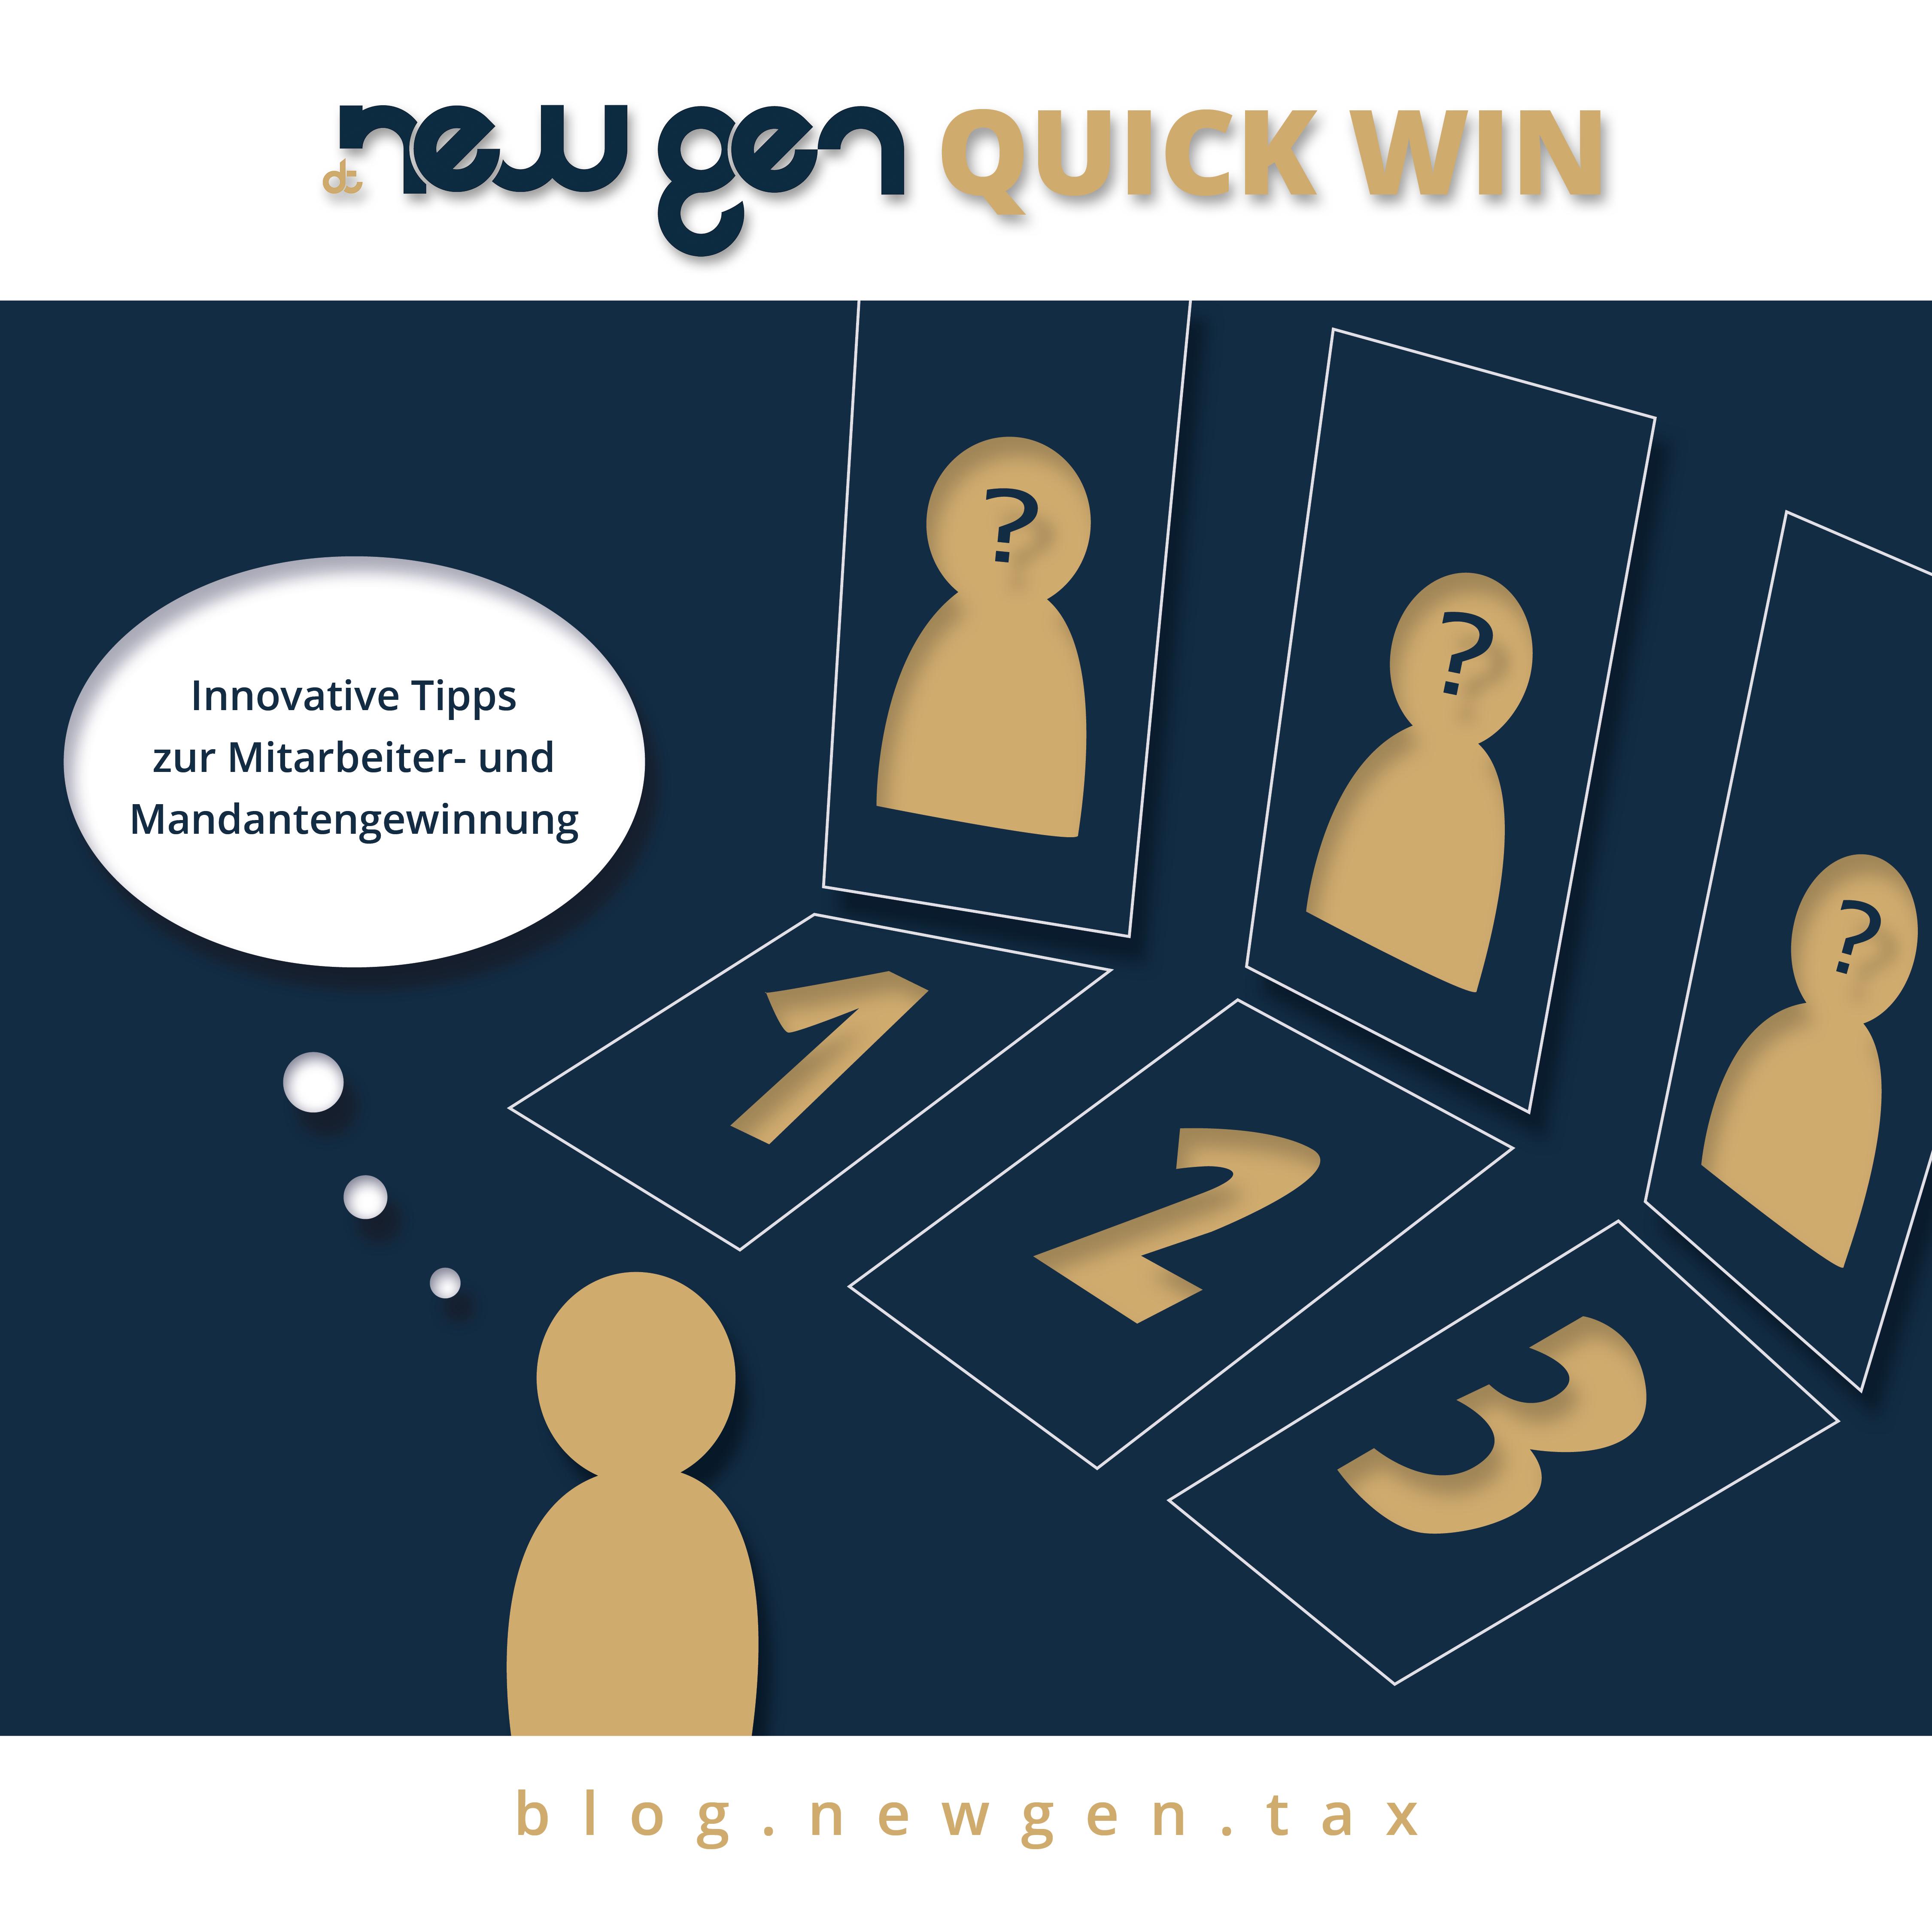 Innovative Tipps zur Mitarbeiter- und Mandantengewinnung